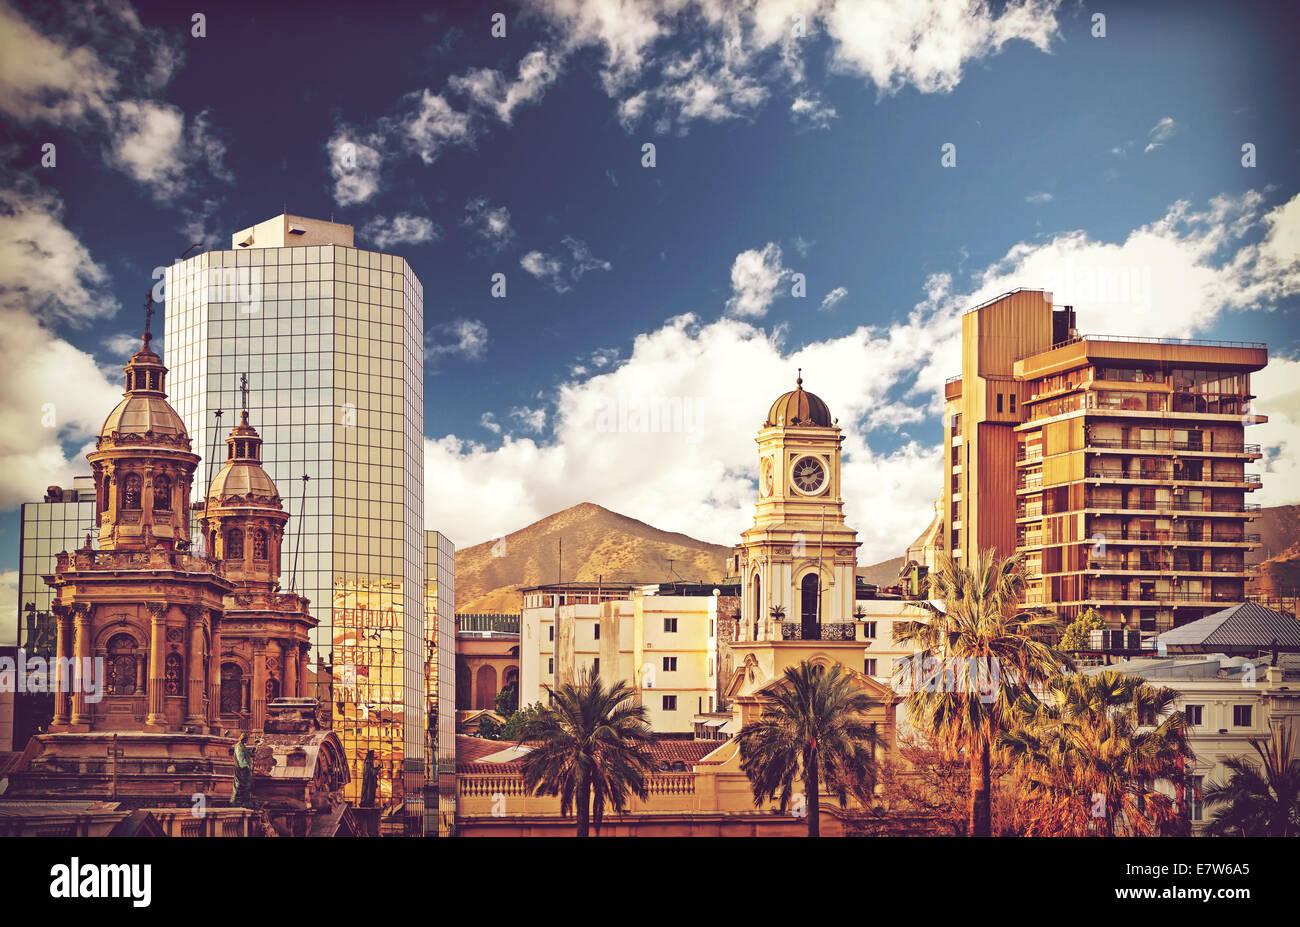 In stile vintage foto di Santiago de Cile downtown, Cile. Immagini Stock